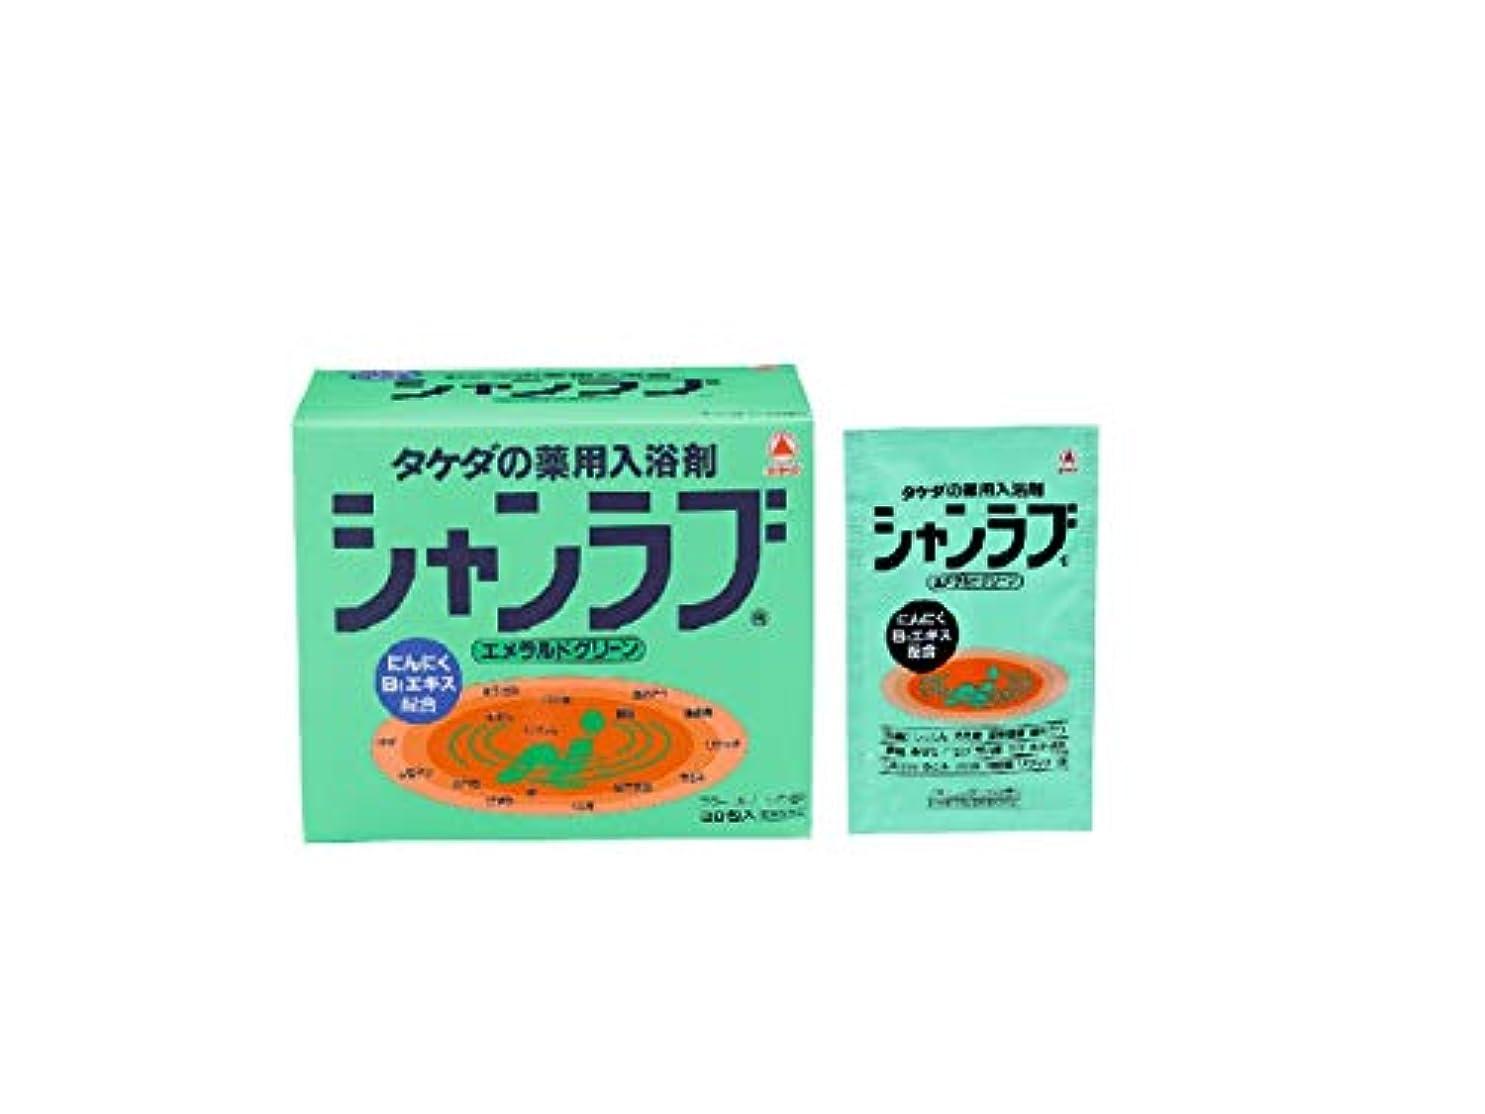 有益なレビュー初期武田コンシューマーヘルスケア シャンラブ エメラルドグリーン 30包